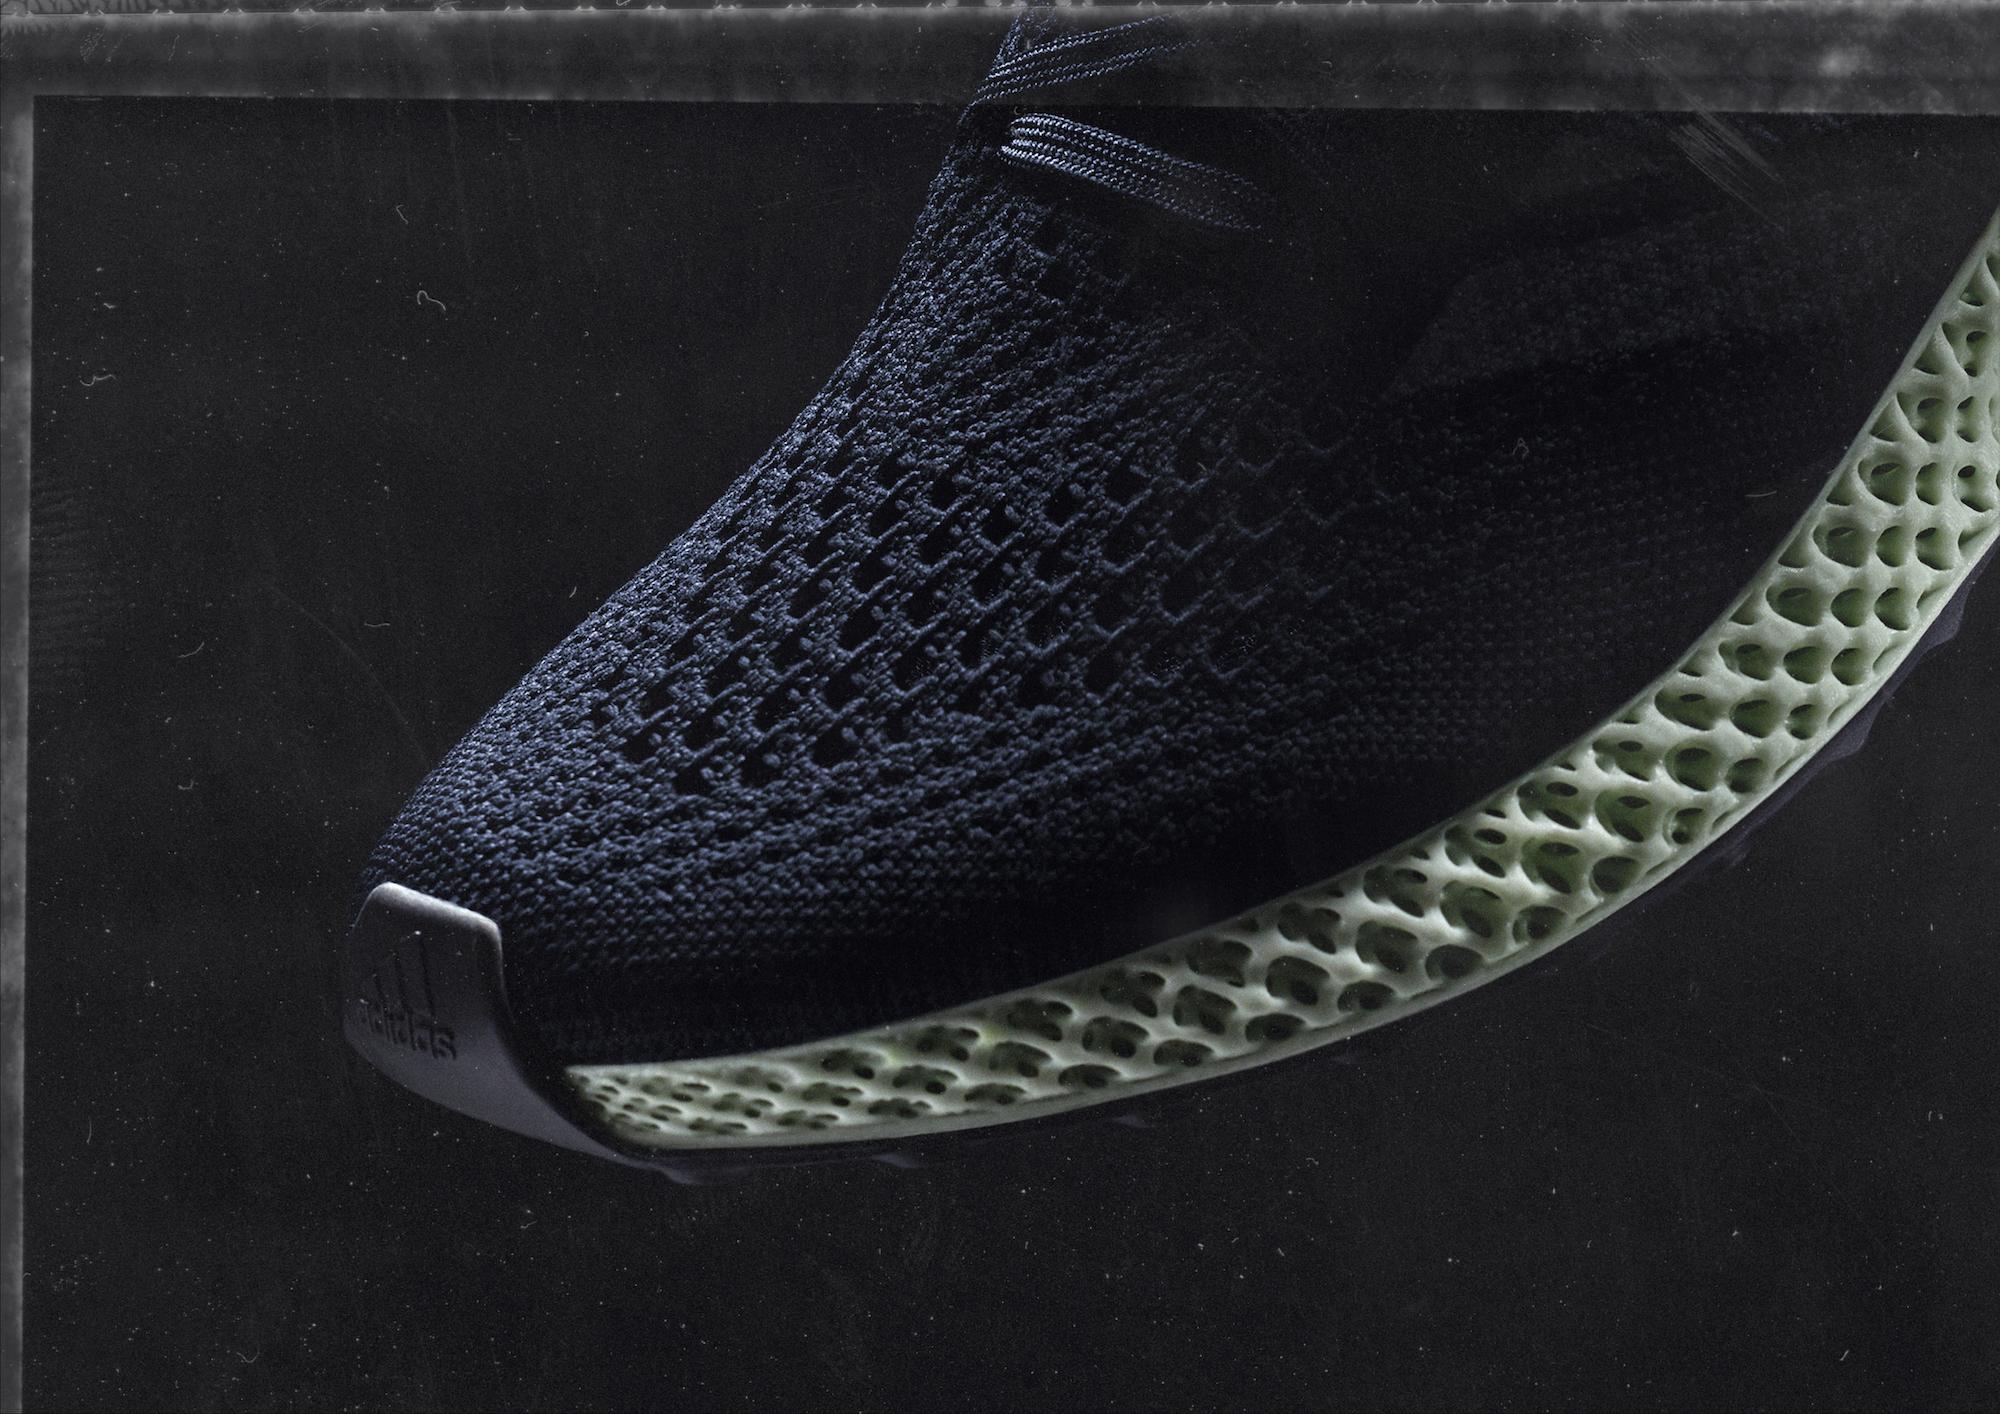 adidas Futurecraft 4D official 2